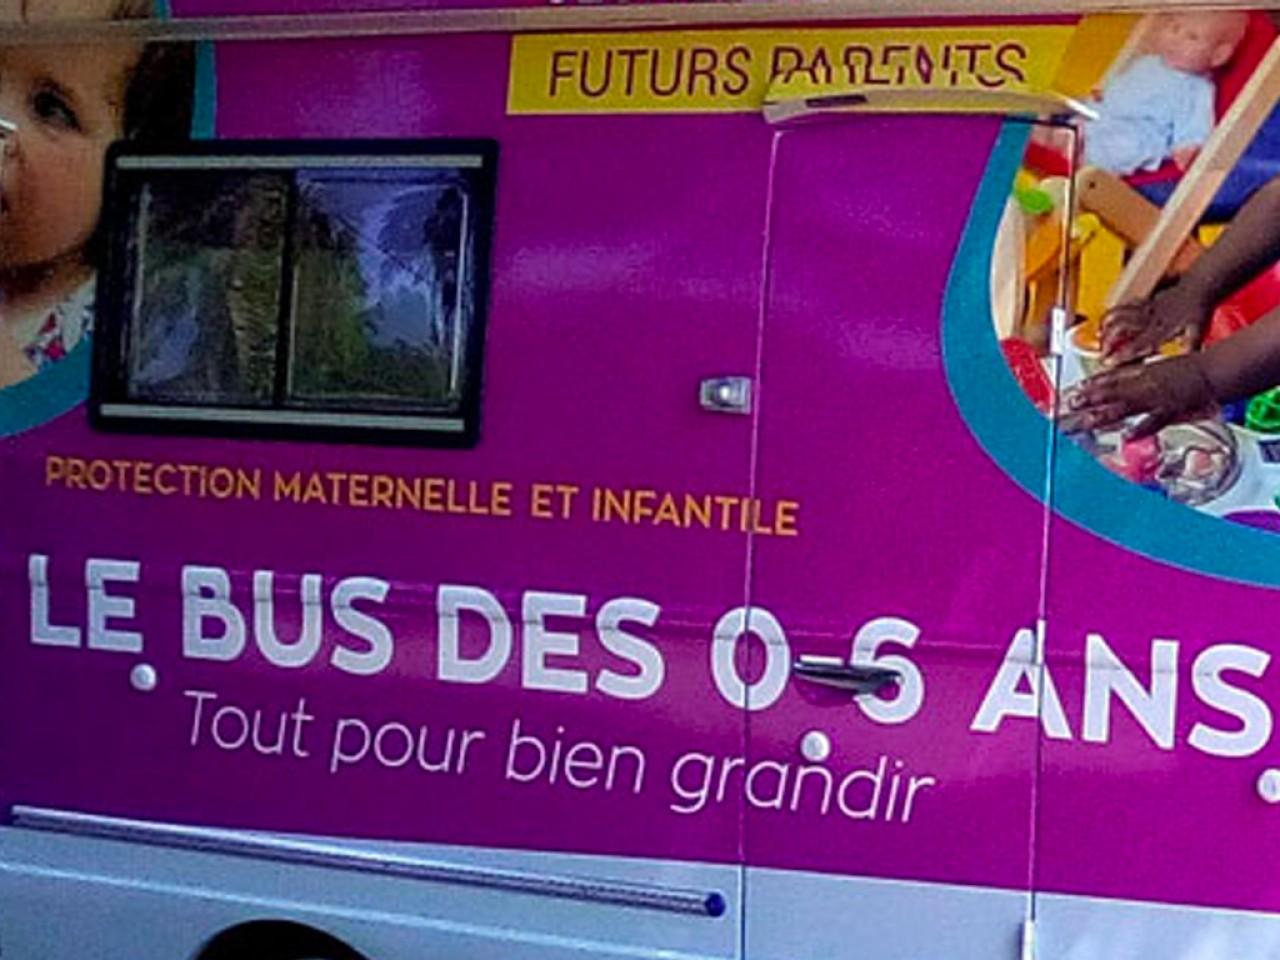 Un bus de la PMI du Calvados propose des consultations itinérantes pour les jeunes enfants